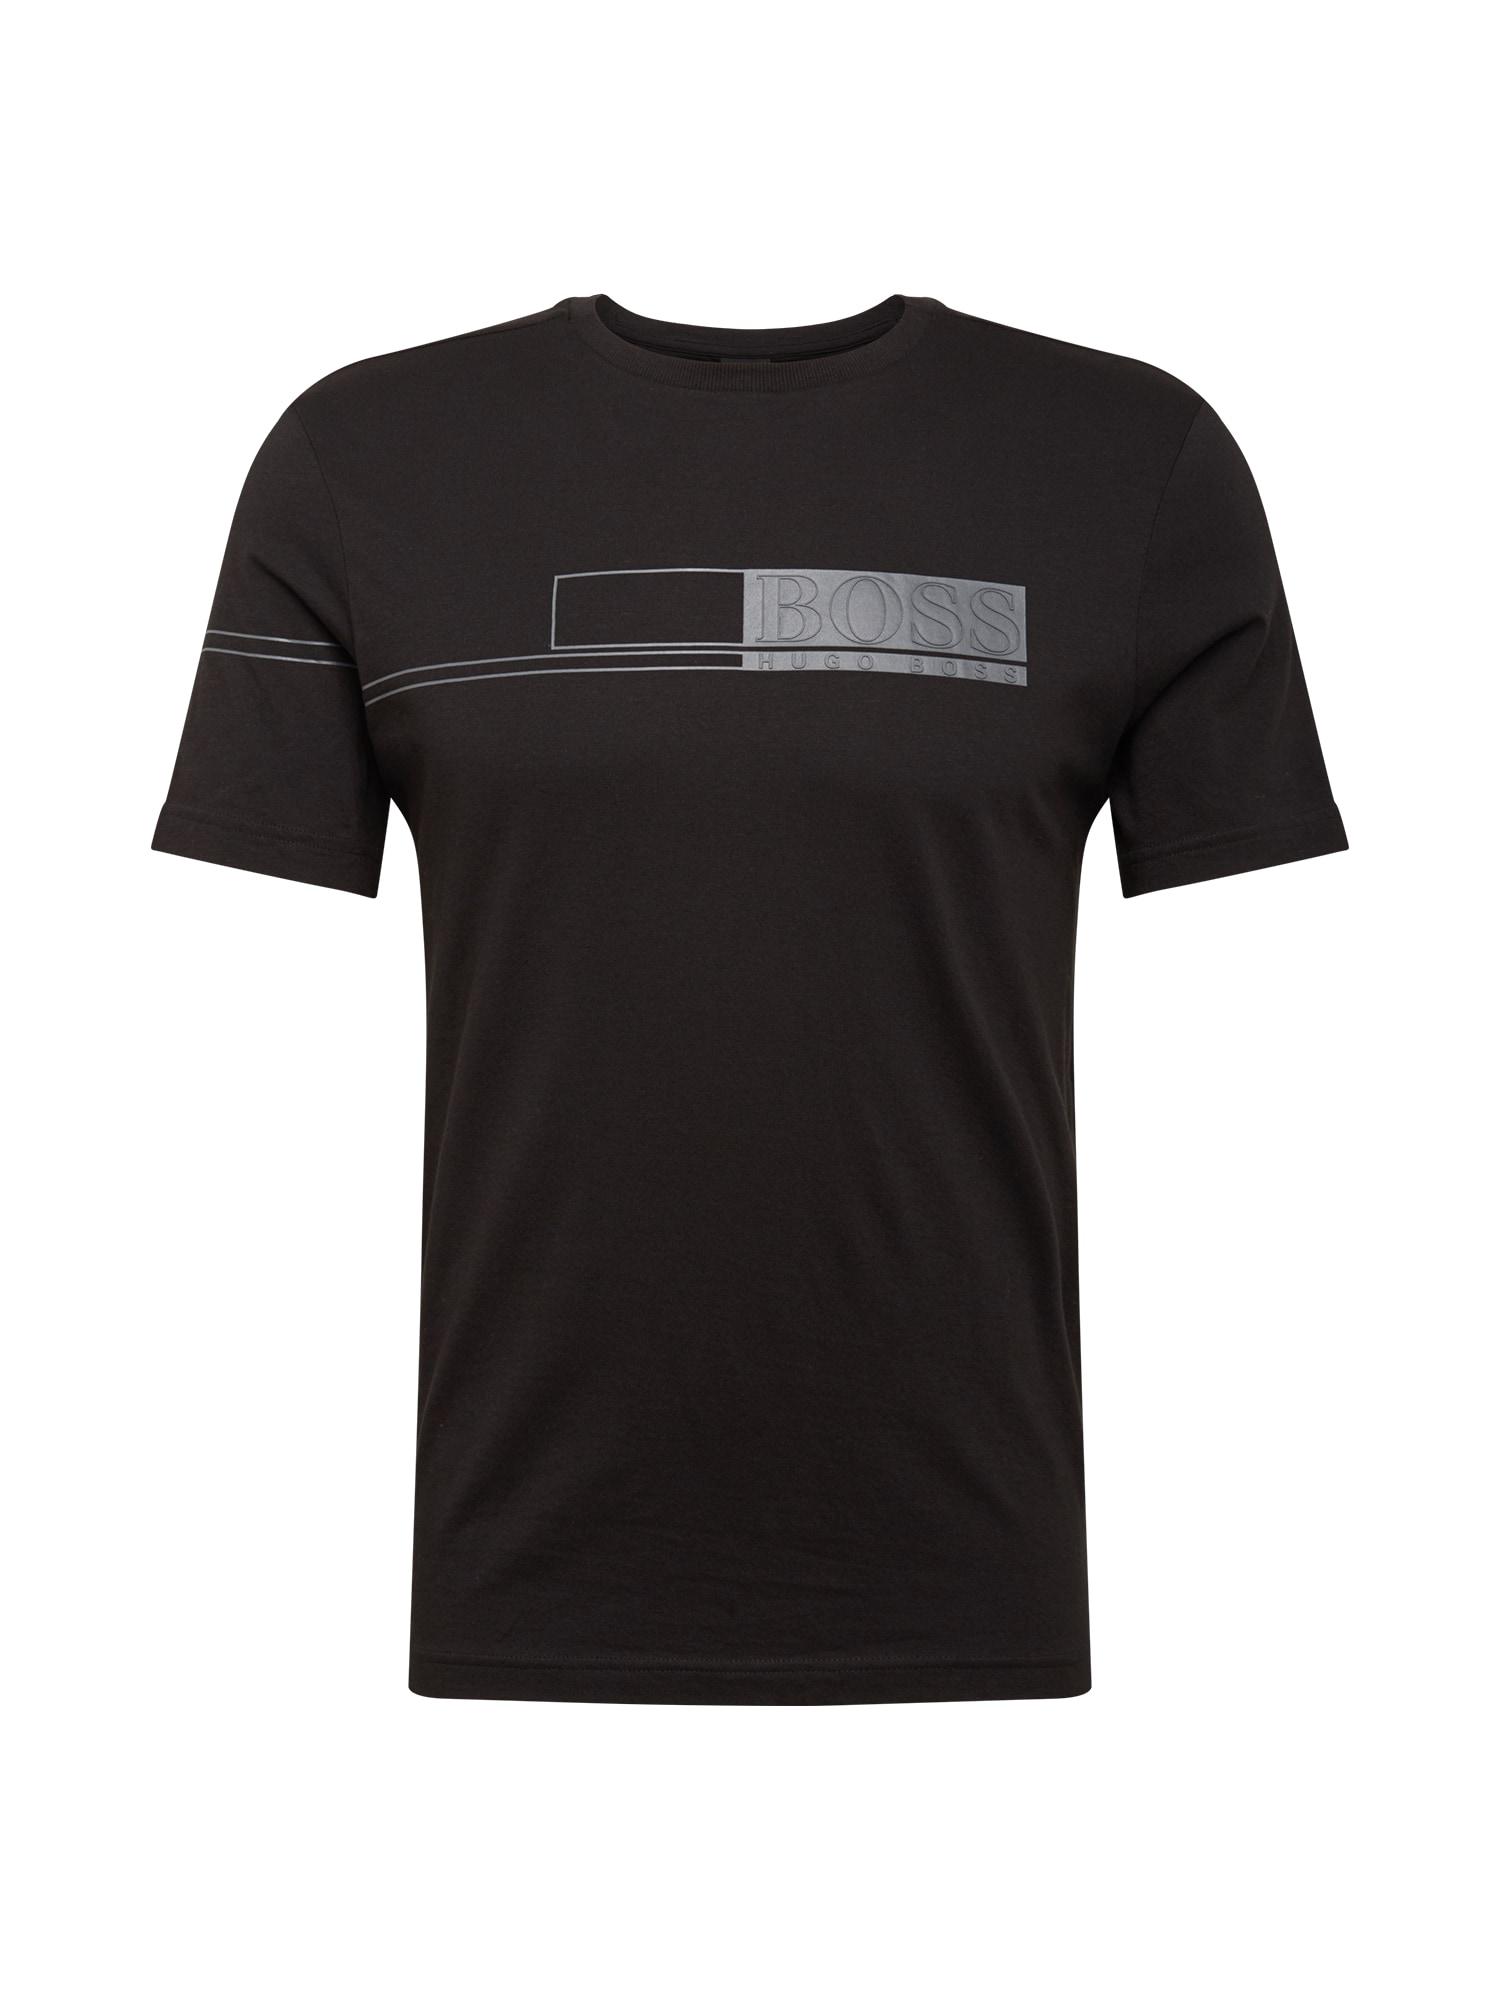 BOSS ATHLEISURE Marškinėliai juoda / pilka